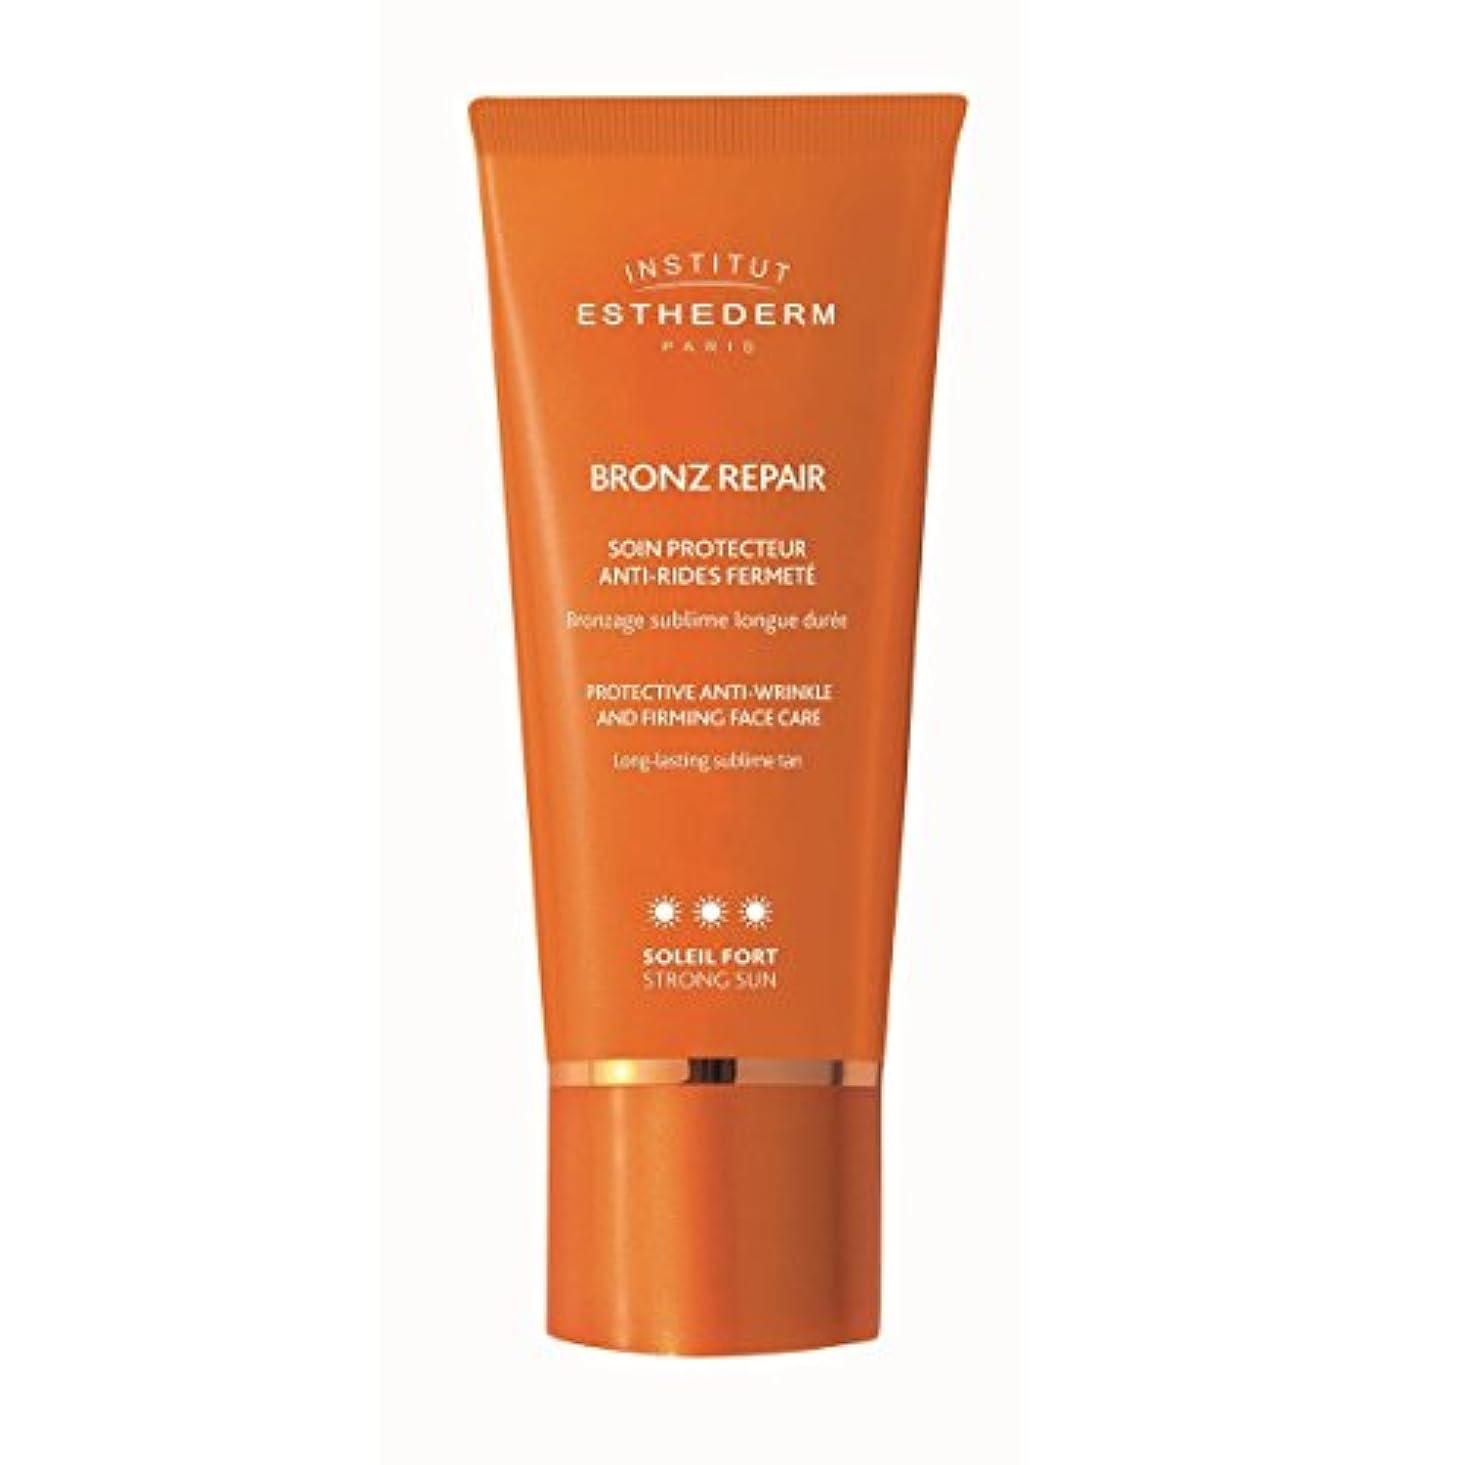 機構蒸描くInstitut Esthederm Bronz Repair Protective Anti-wrinkle And Firming Face Care Strong Sun 50ml [並行輸入品]